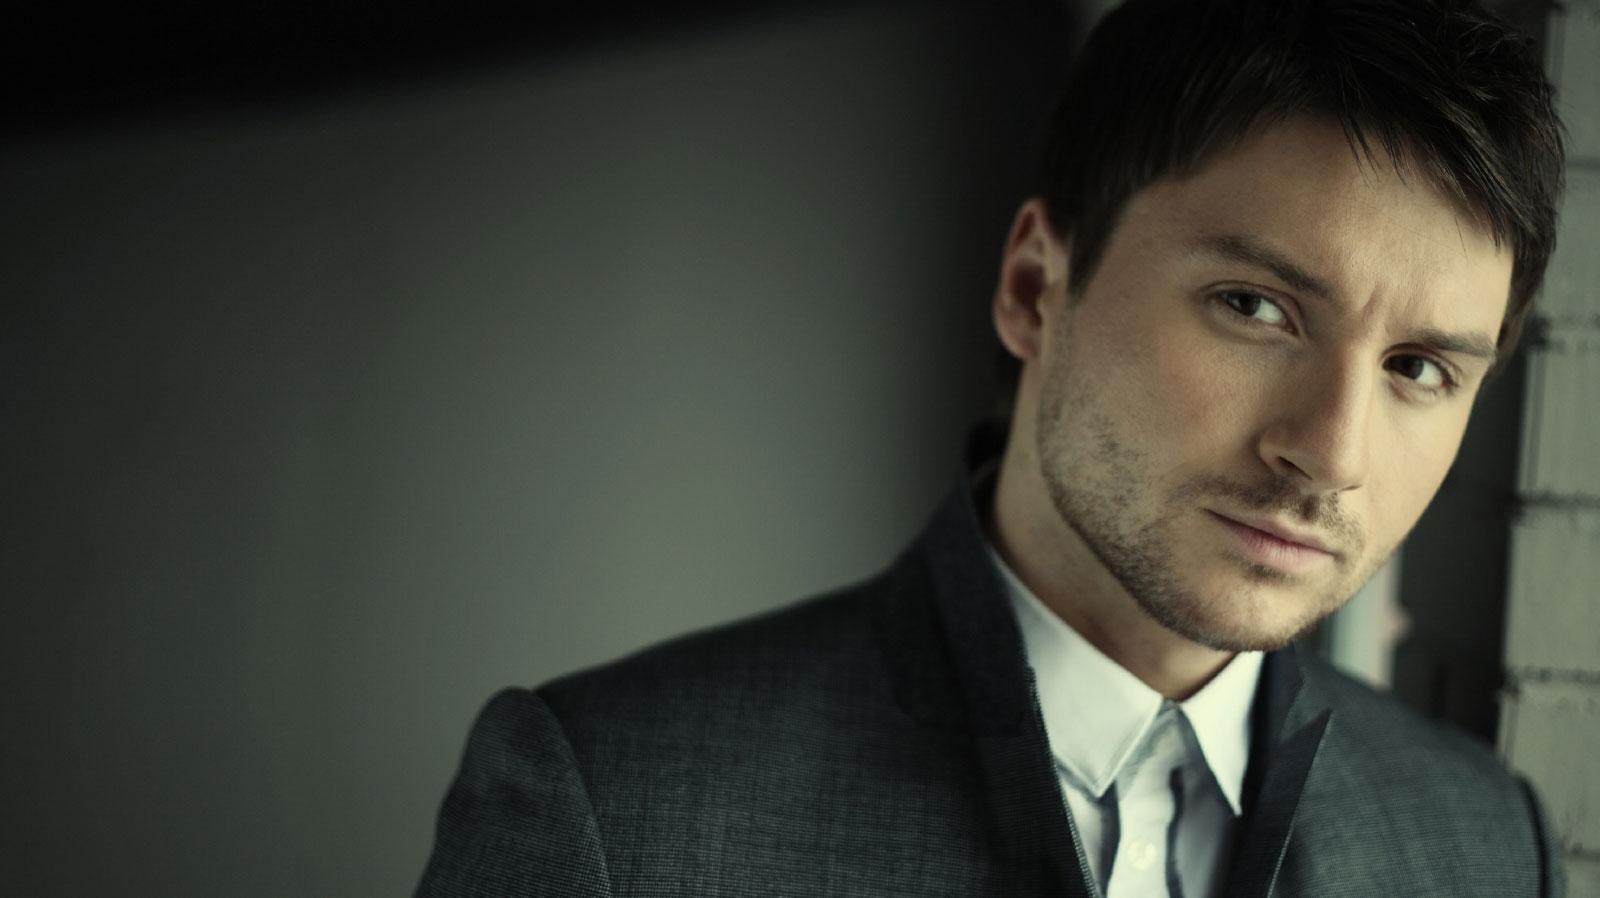 Российский певец Сергей Лазарев уверен, что причиной авиакатастрофы с самолетом, который летел в Сирию, стал его возраст